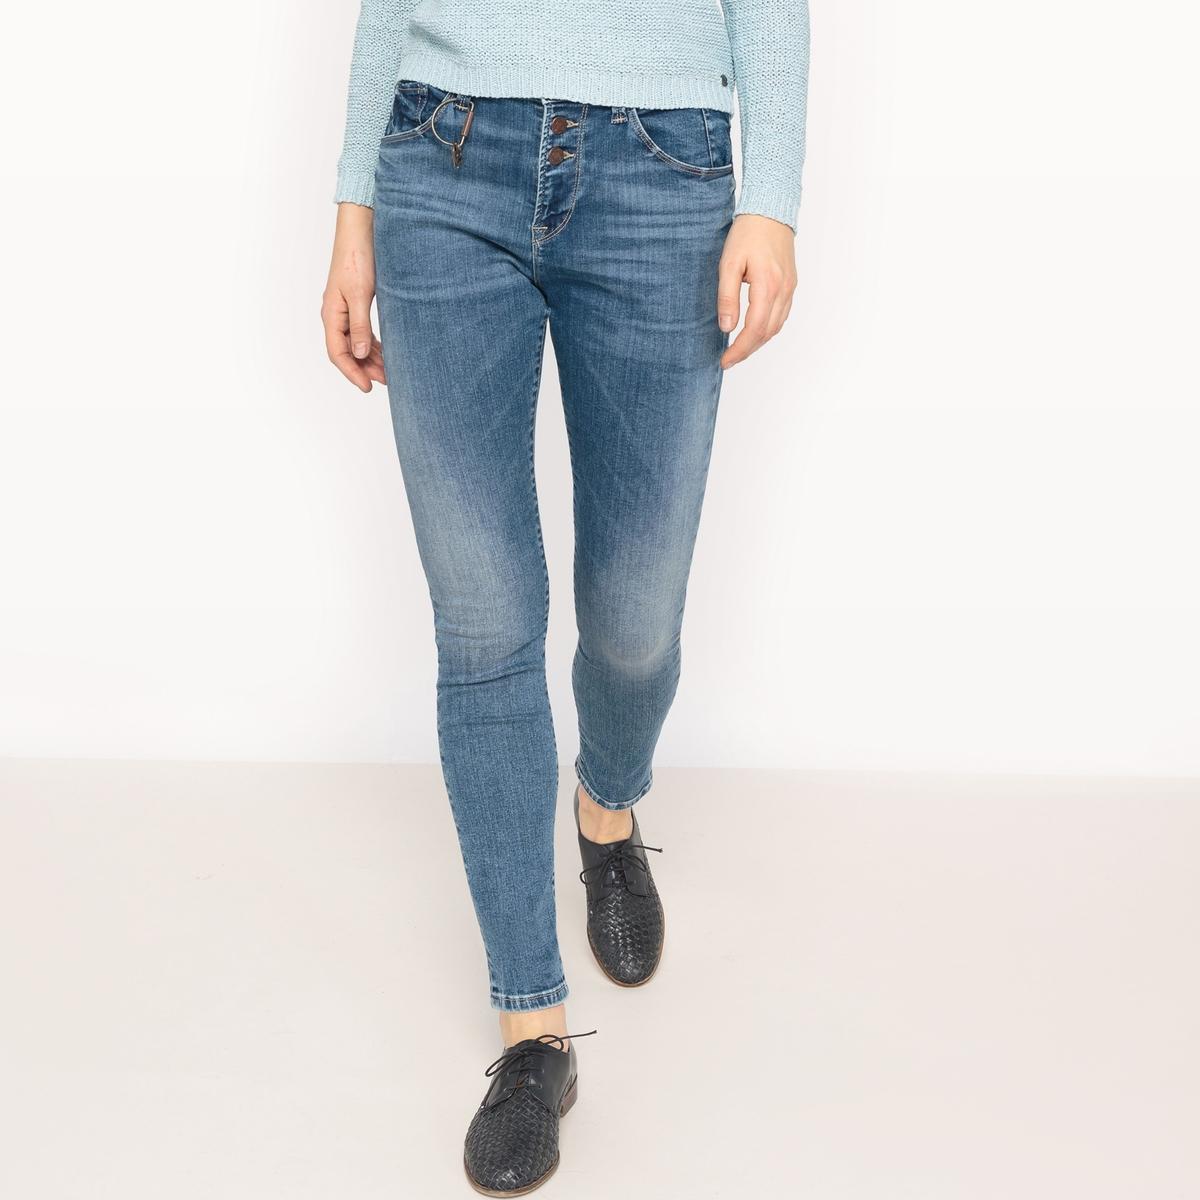 Джинсы-бойфрендМатериал: 98% хлопка, 2% эластана. Высота пояса: стандартная.Покрой джинсов: бойфит.Длина джинсов: длина 32.<br><br>Цвет: синий потертый<br>Размер: 31 длина 32.26 длина 32.25 длина 30